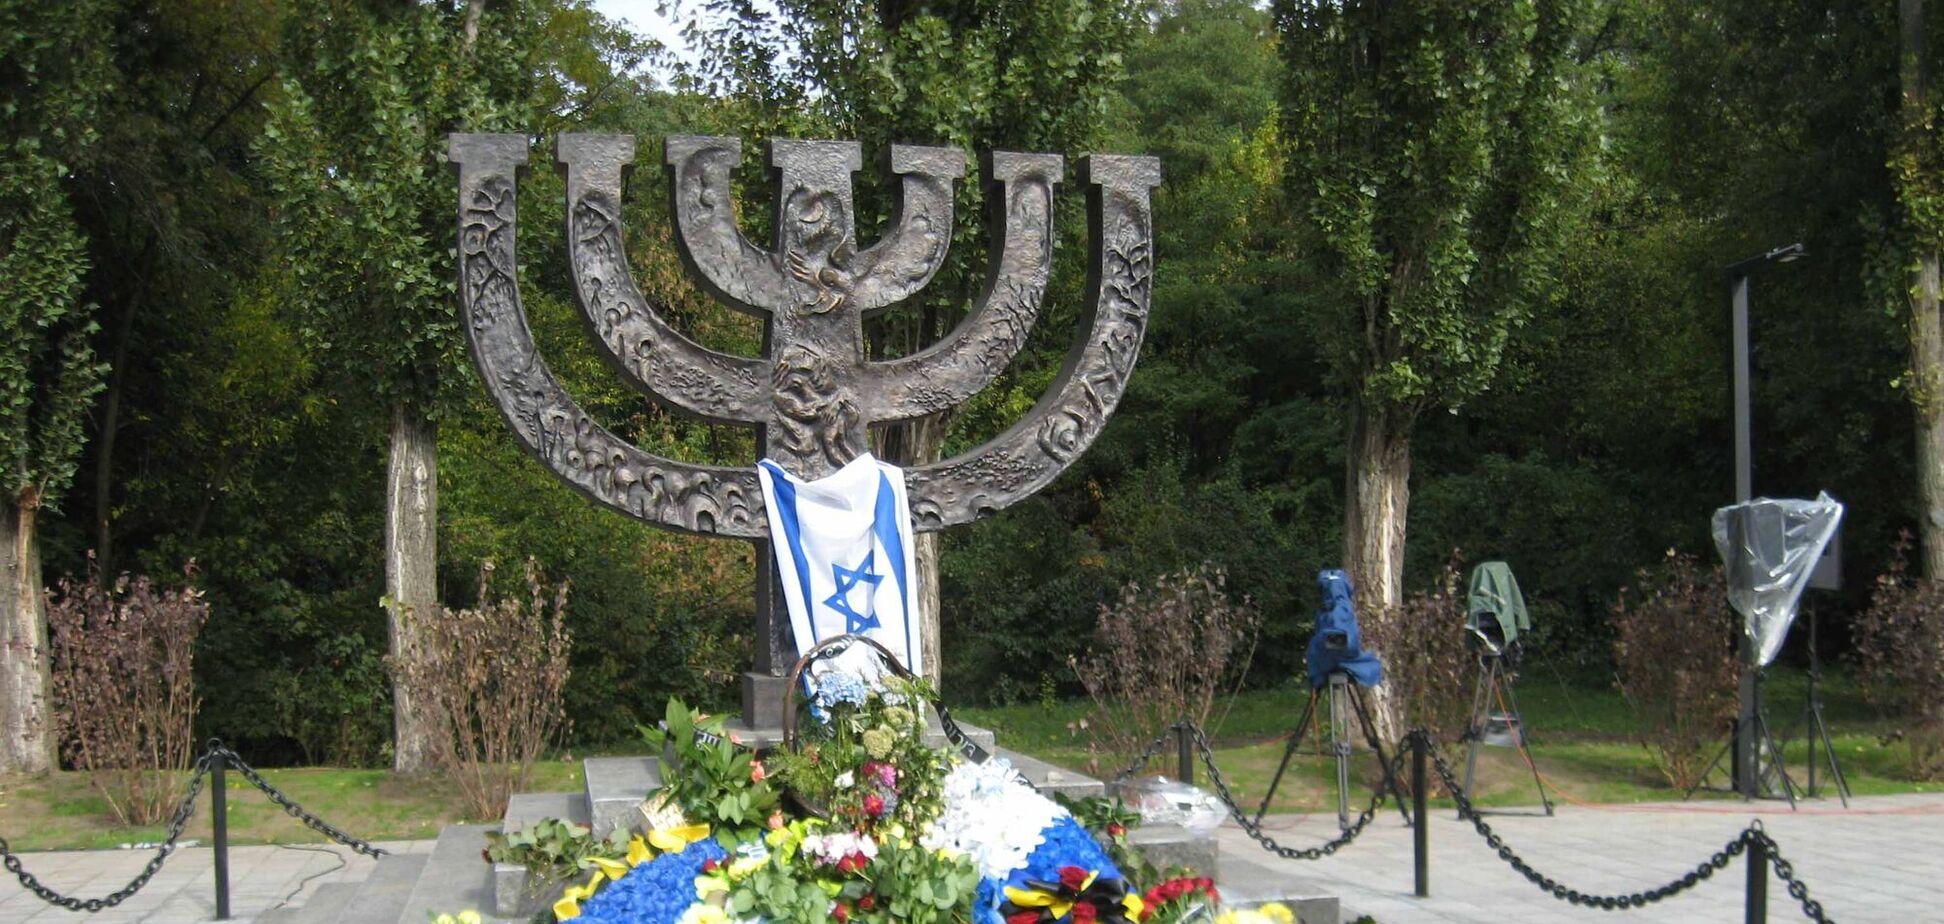 Мемориальный центр Холокоста 'Бабий Яр' и Центральный архив истории еврейского народа подписали меморандум о сотрудничестве